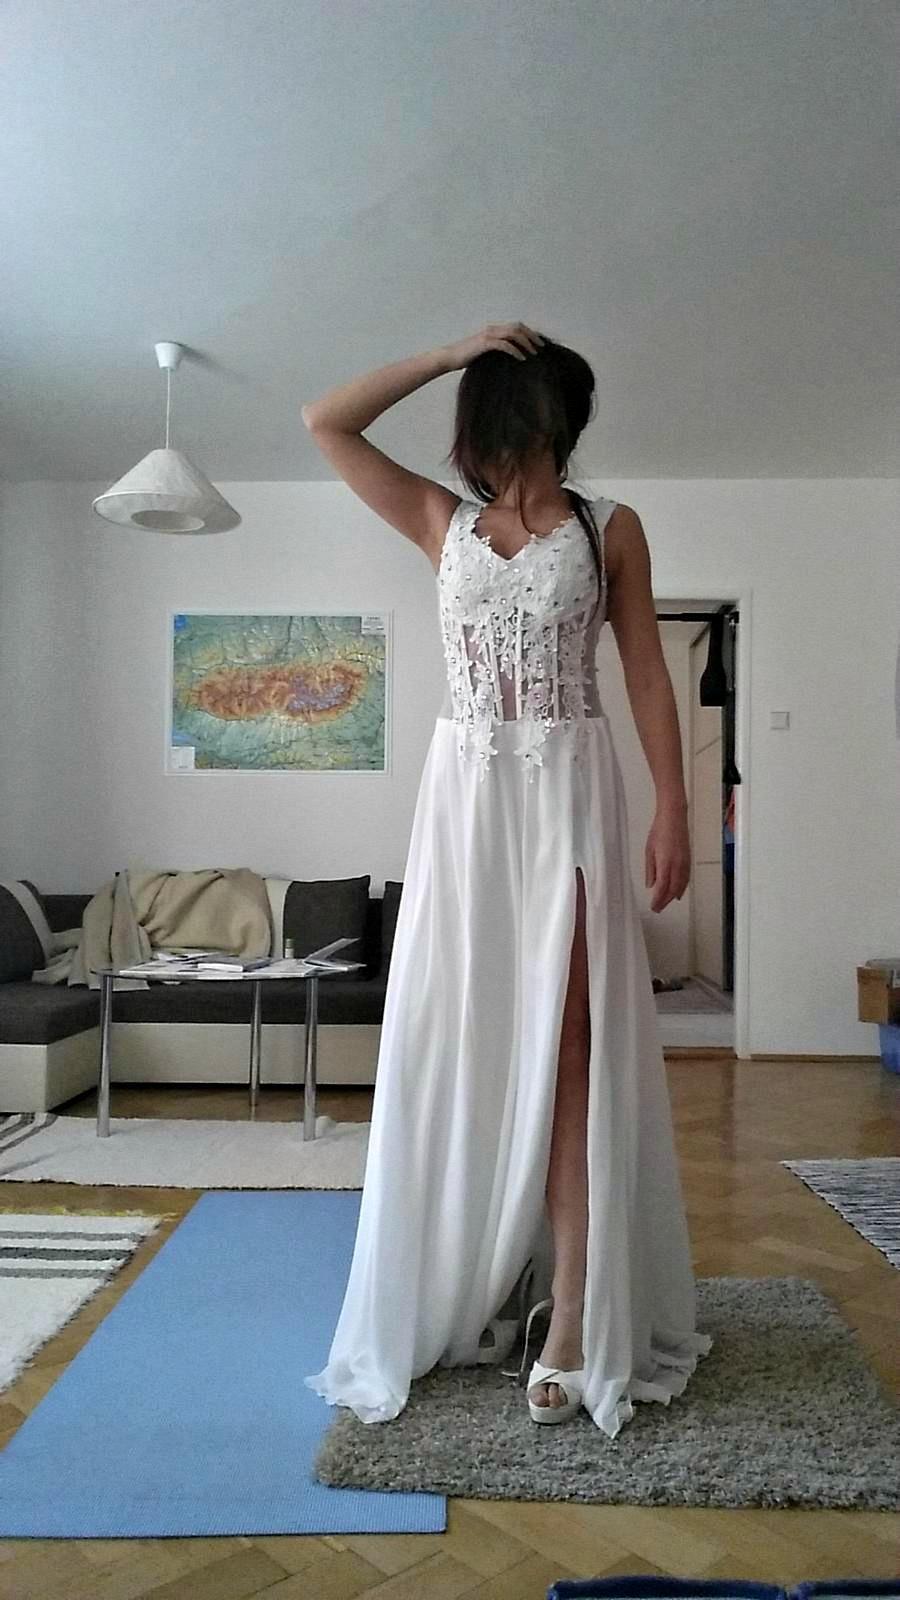 Svadobné, plesové alebo popolnočné biele dlhé šaty - Obrázok č. 1